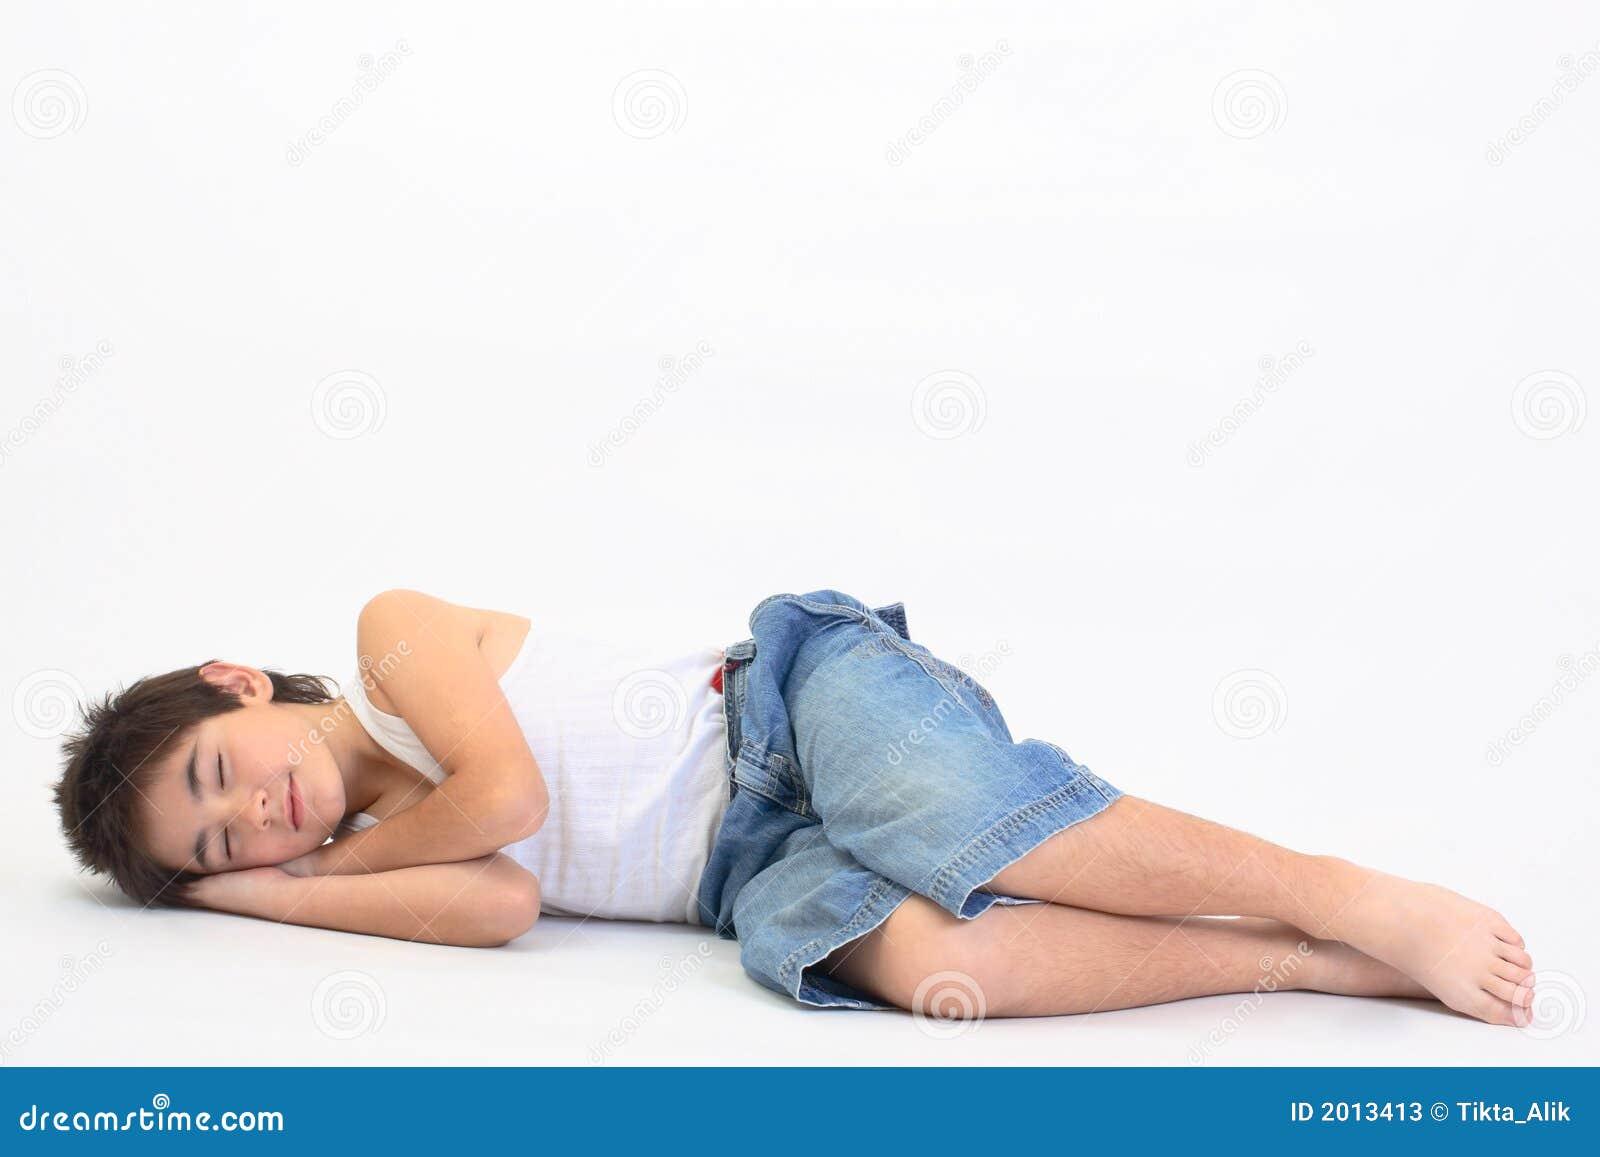 Sleeping Teen Thumbs 26